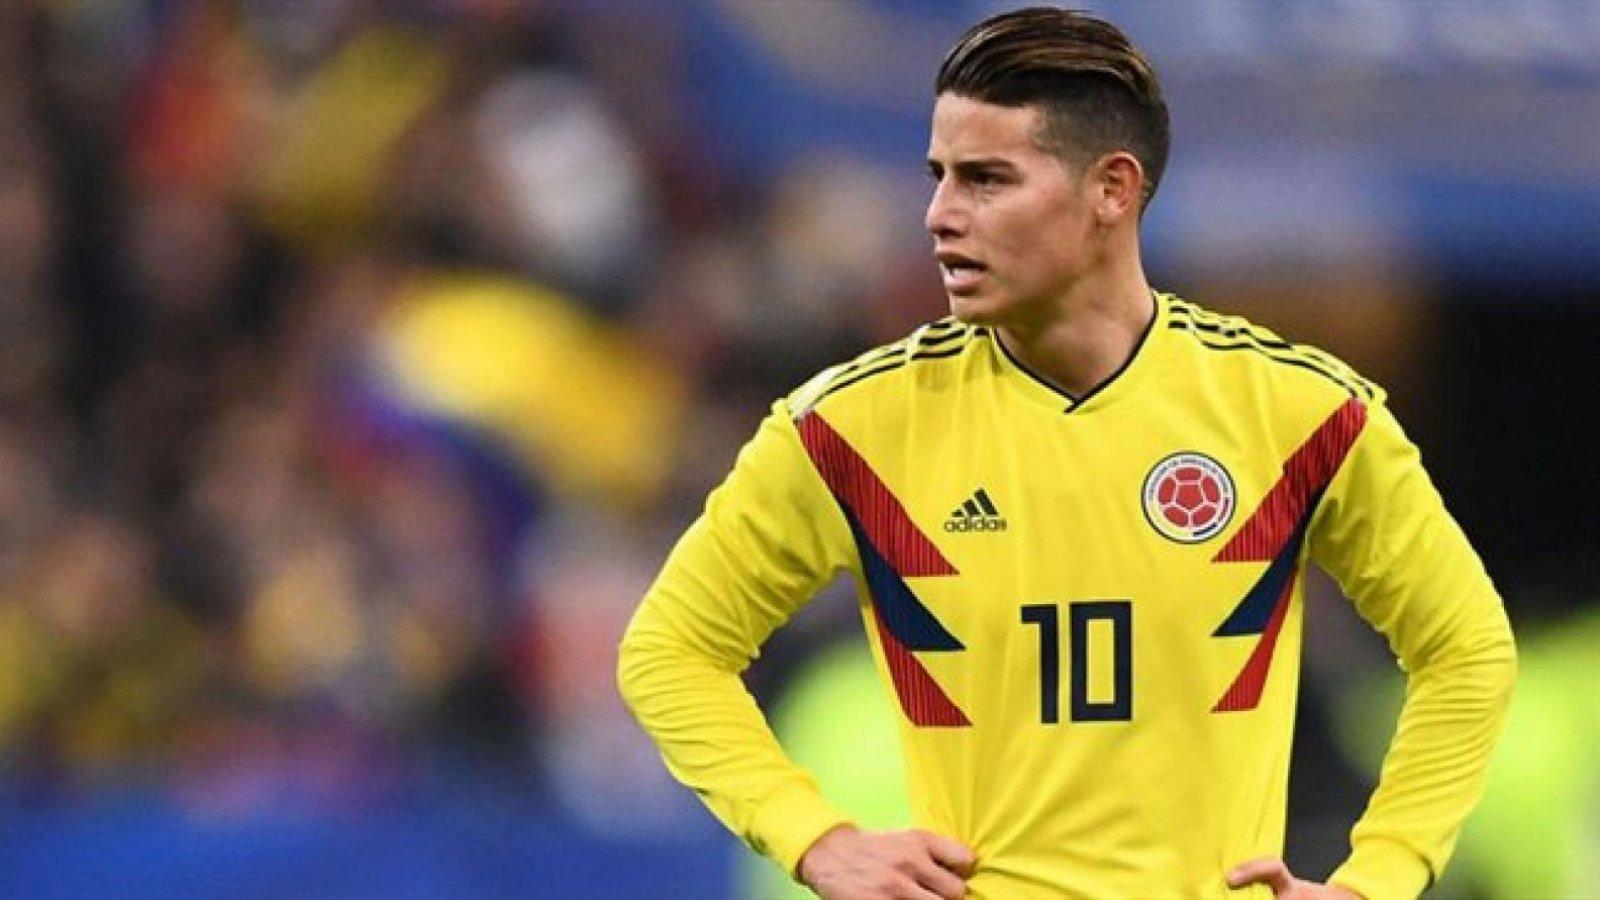 El joven colombiano encandila con su carisma y su juego.